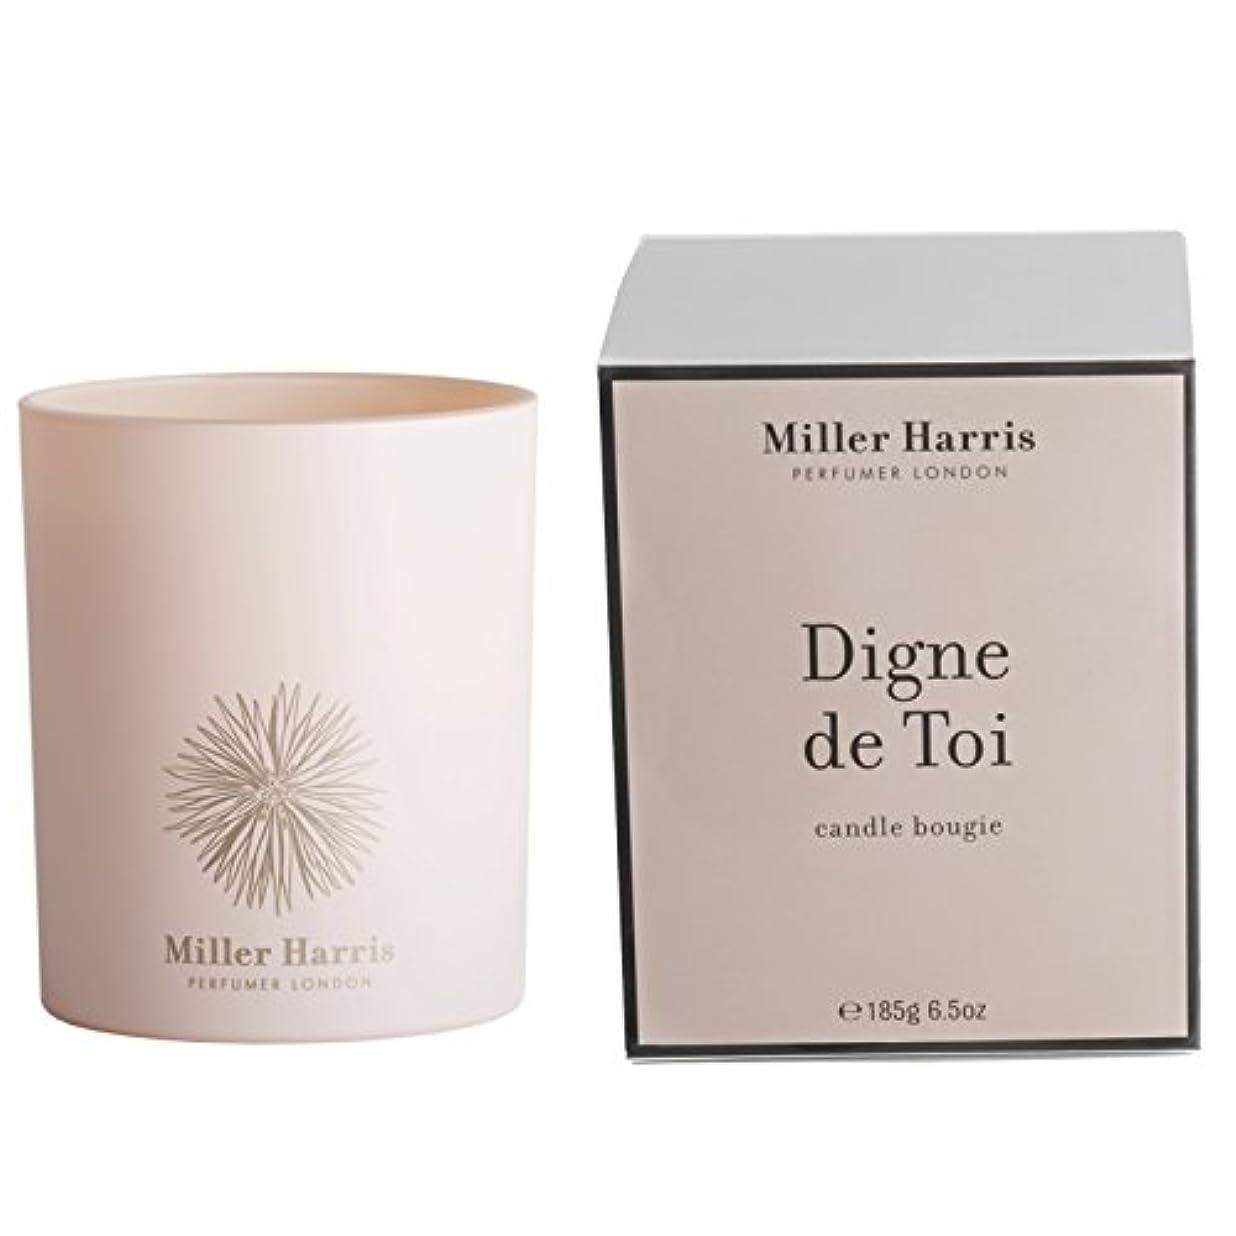 リマロードブロッキング縫うミラーハリス Candle - Digne De Toi 185g/6.5oz並行輸入品